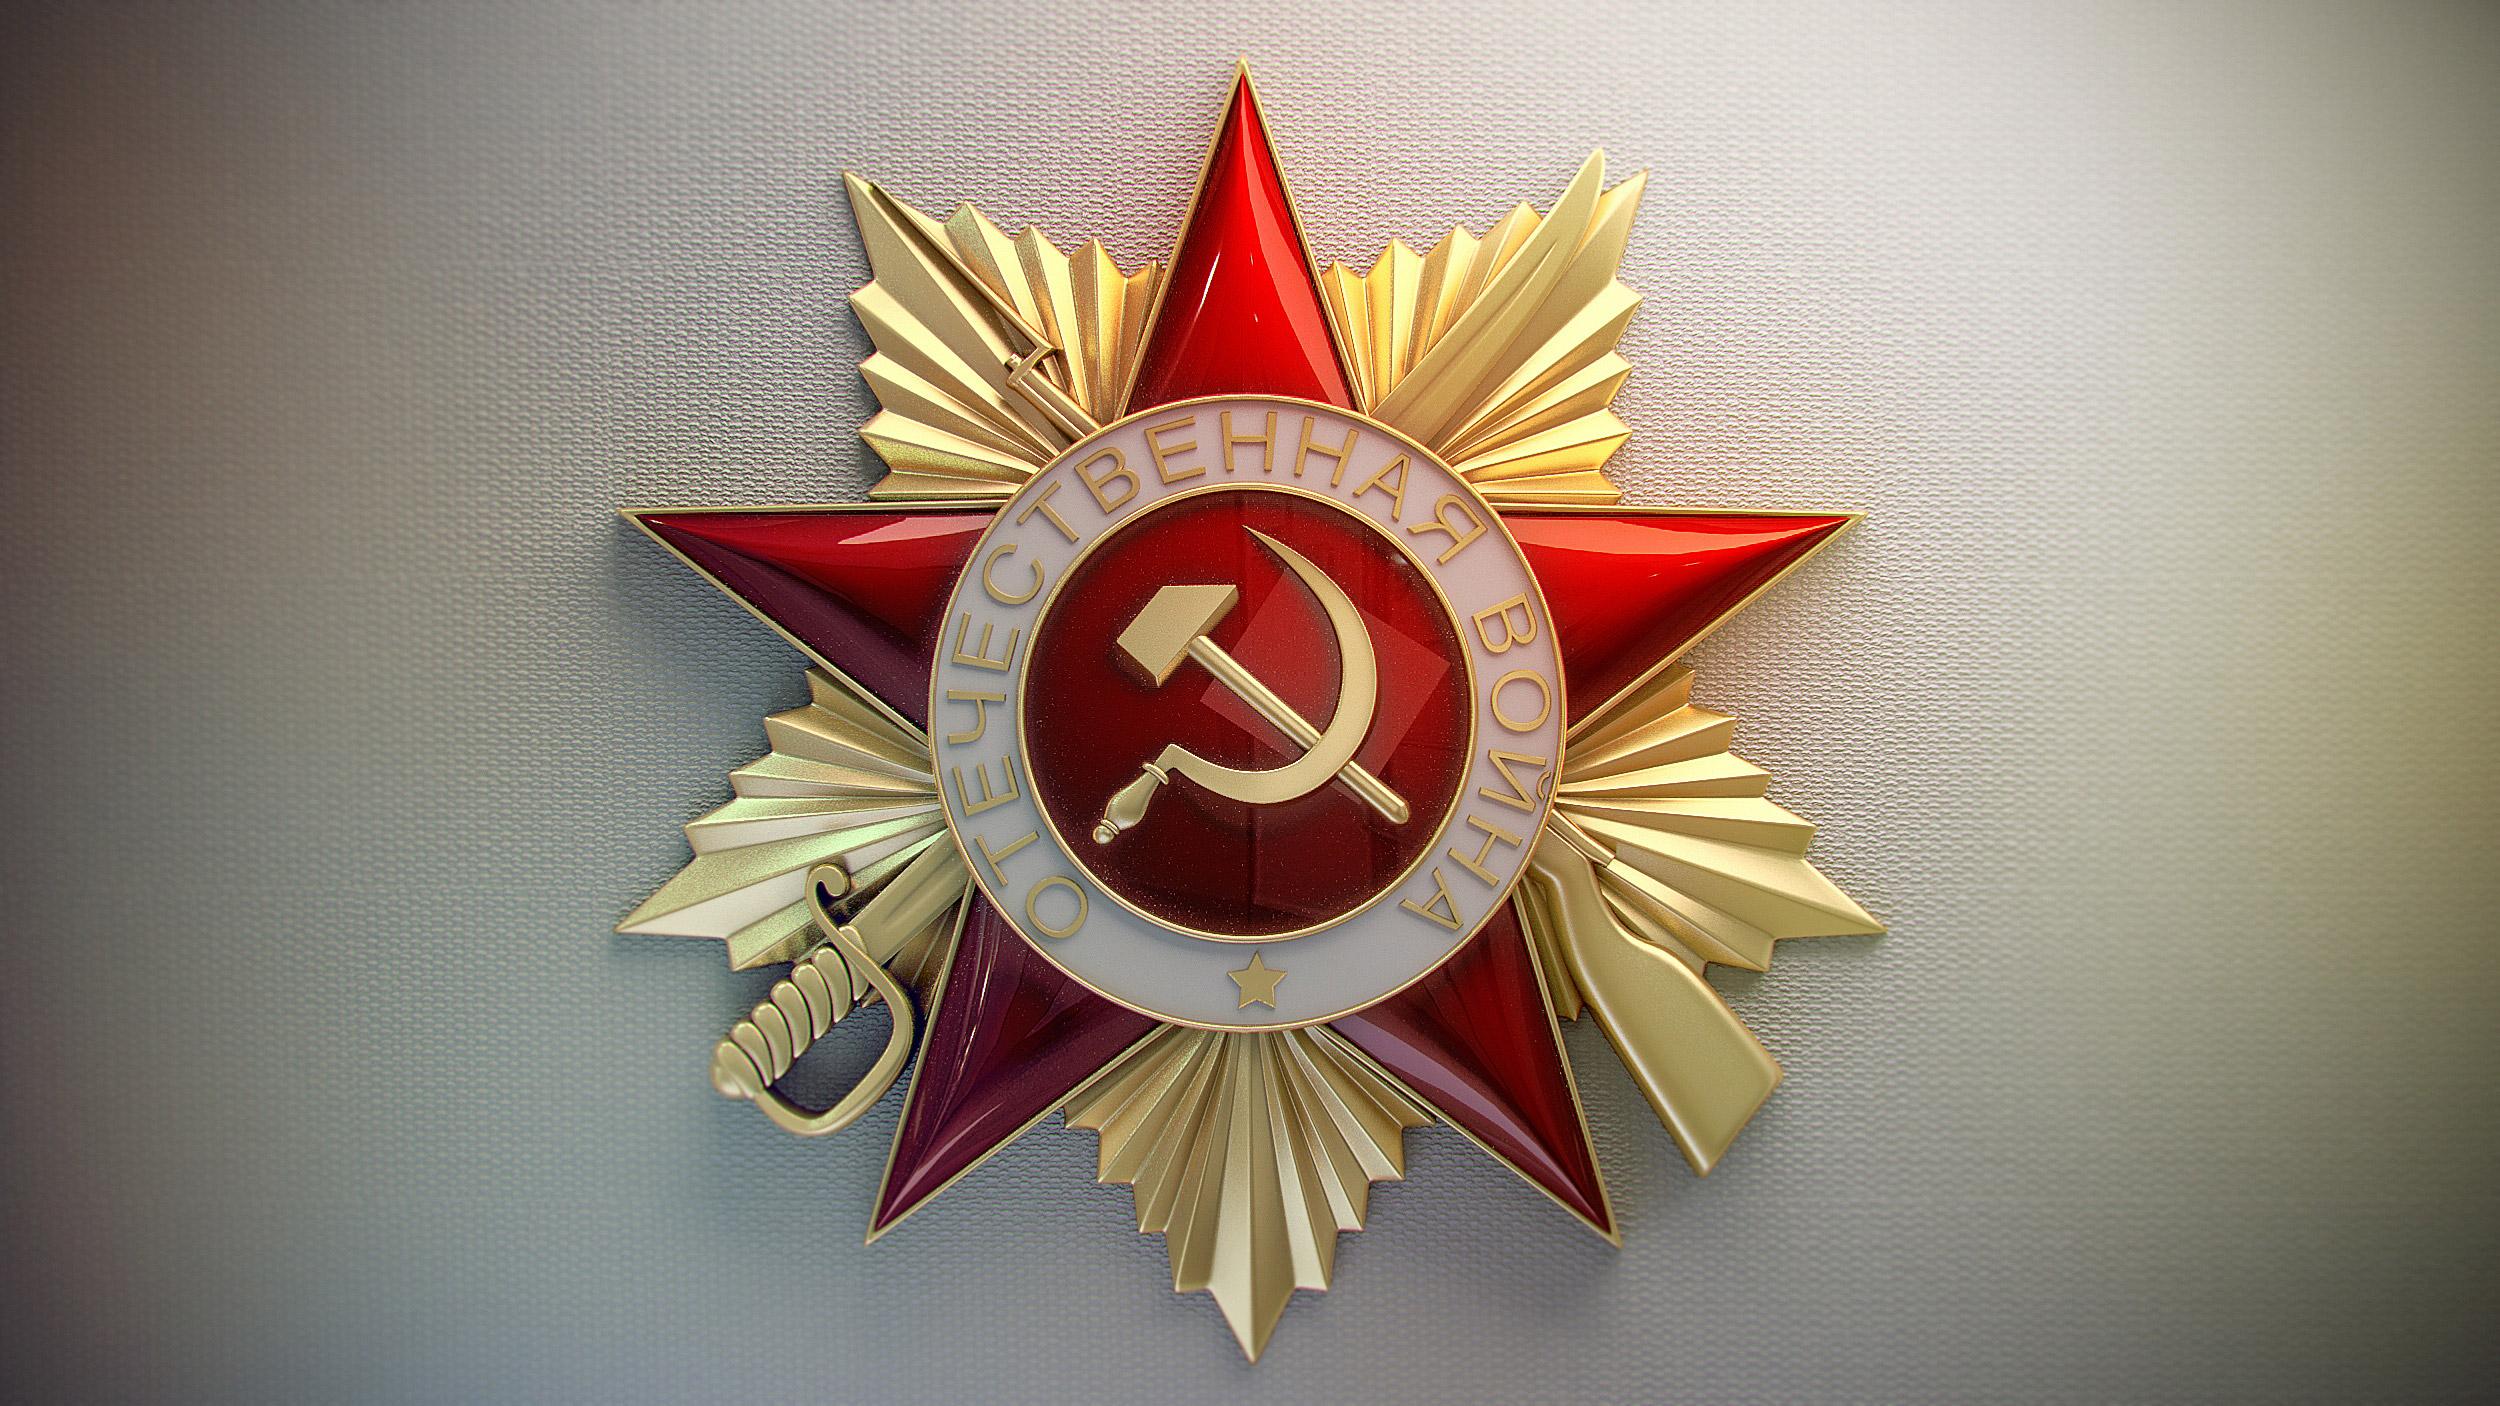 Орден Отечественной войны 1 степени, цена на черном рынке